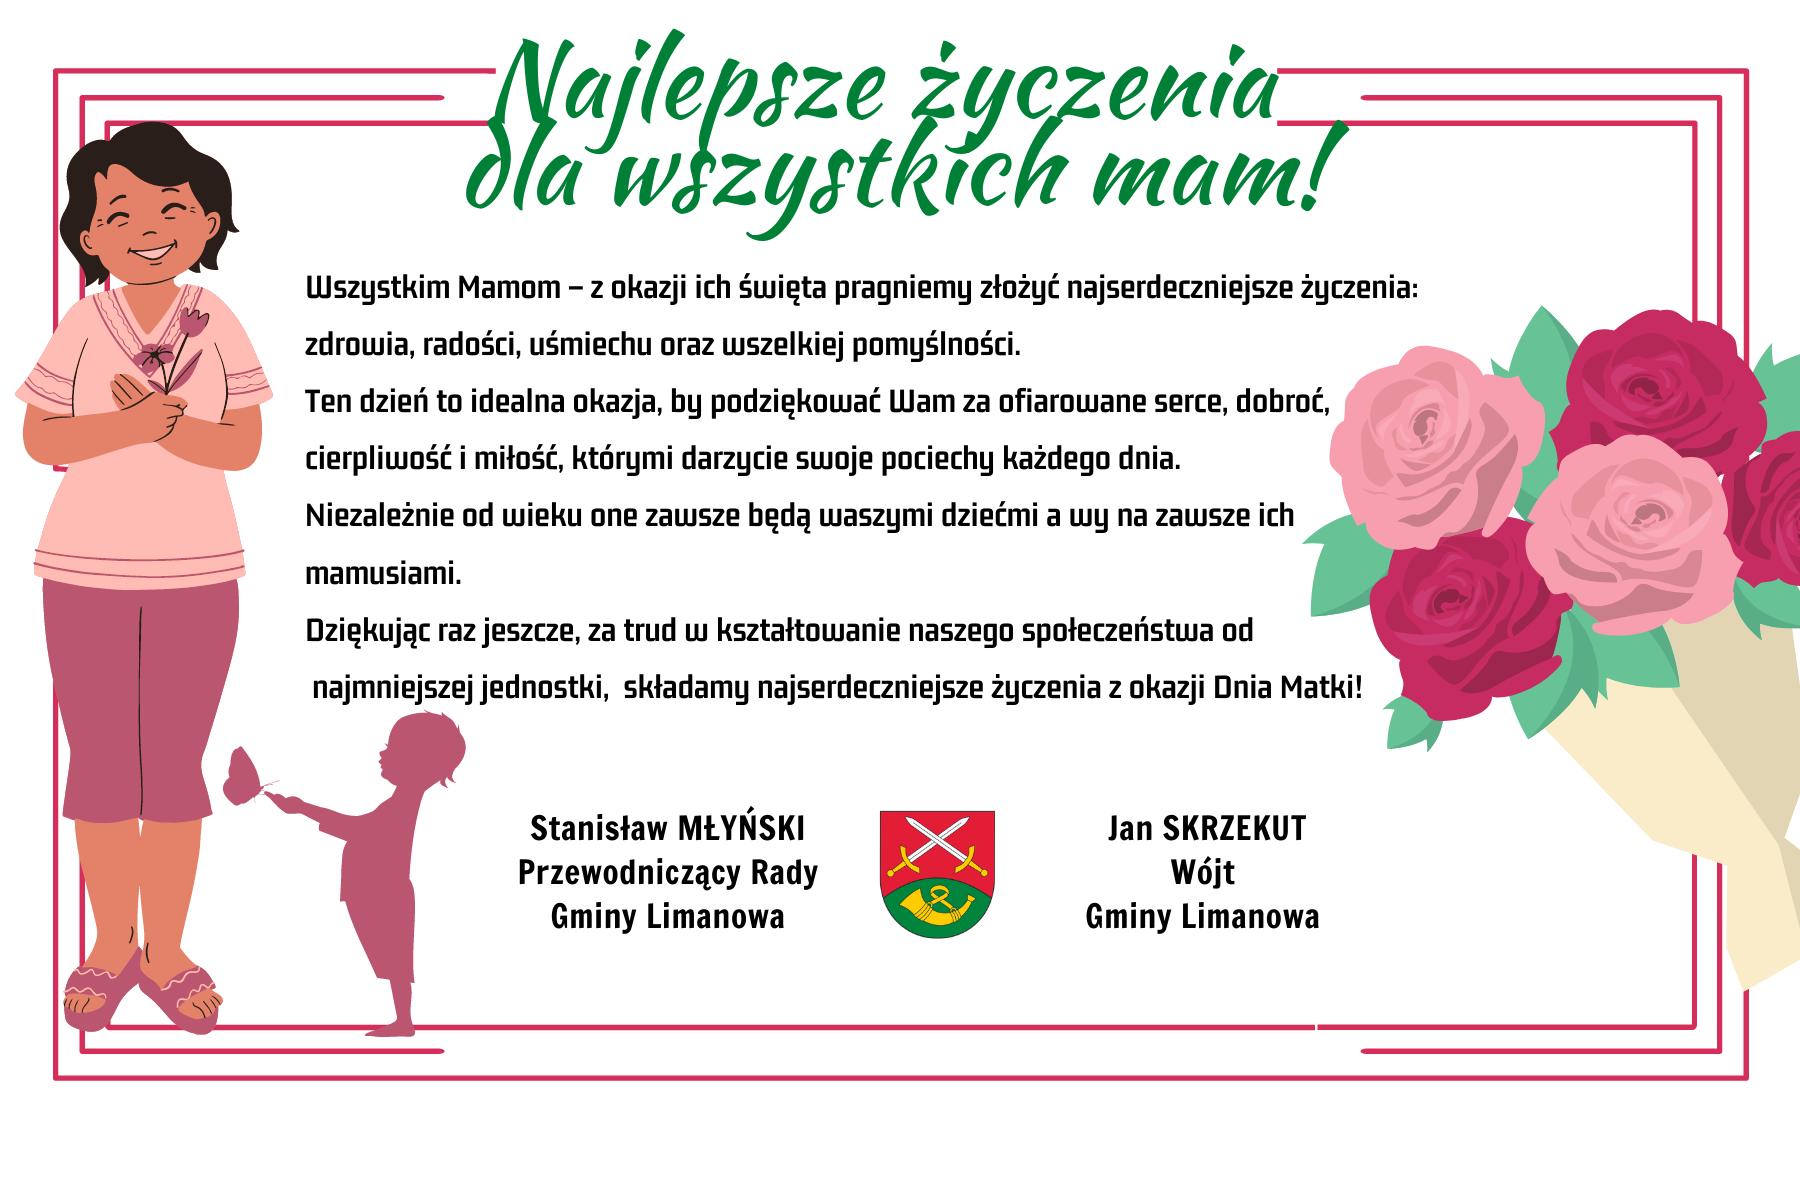 Najlepsze życzenia dla wszyskich mam! - zdjęcie główne